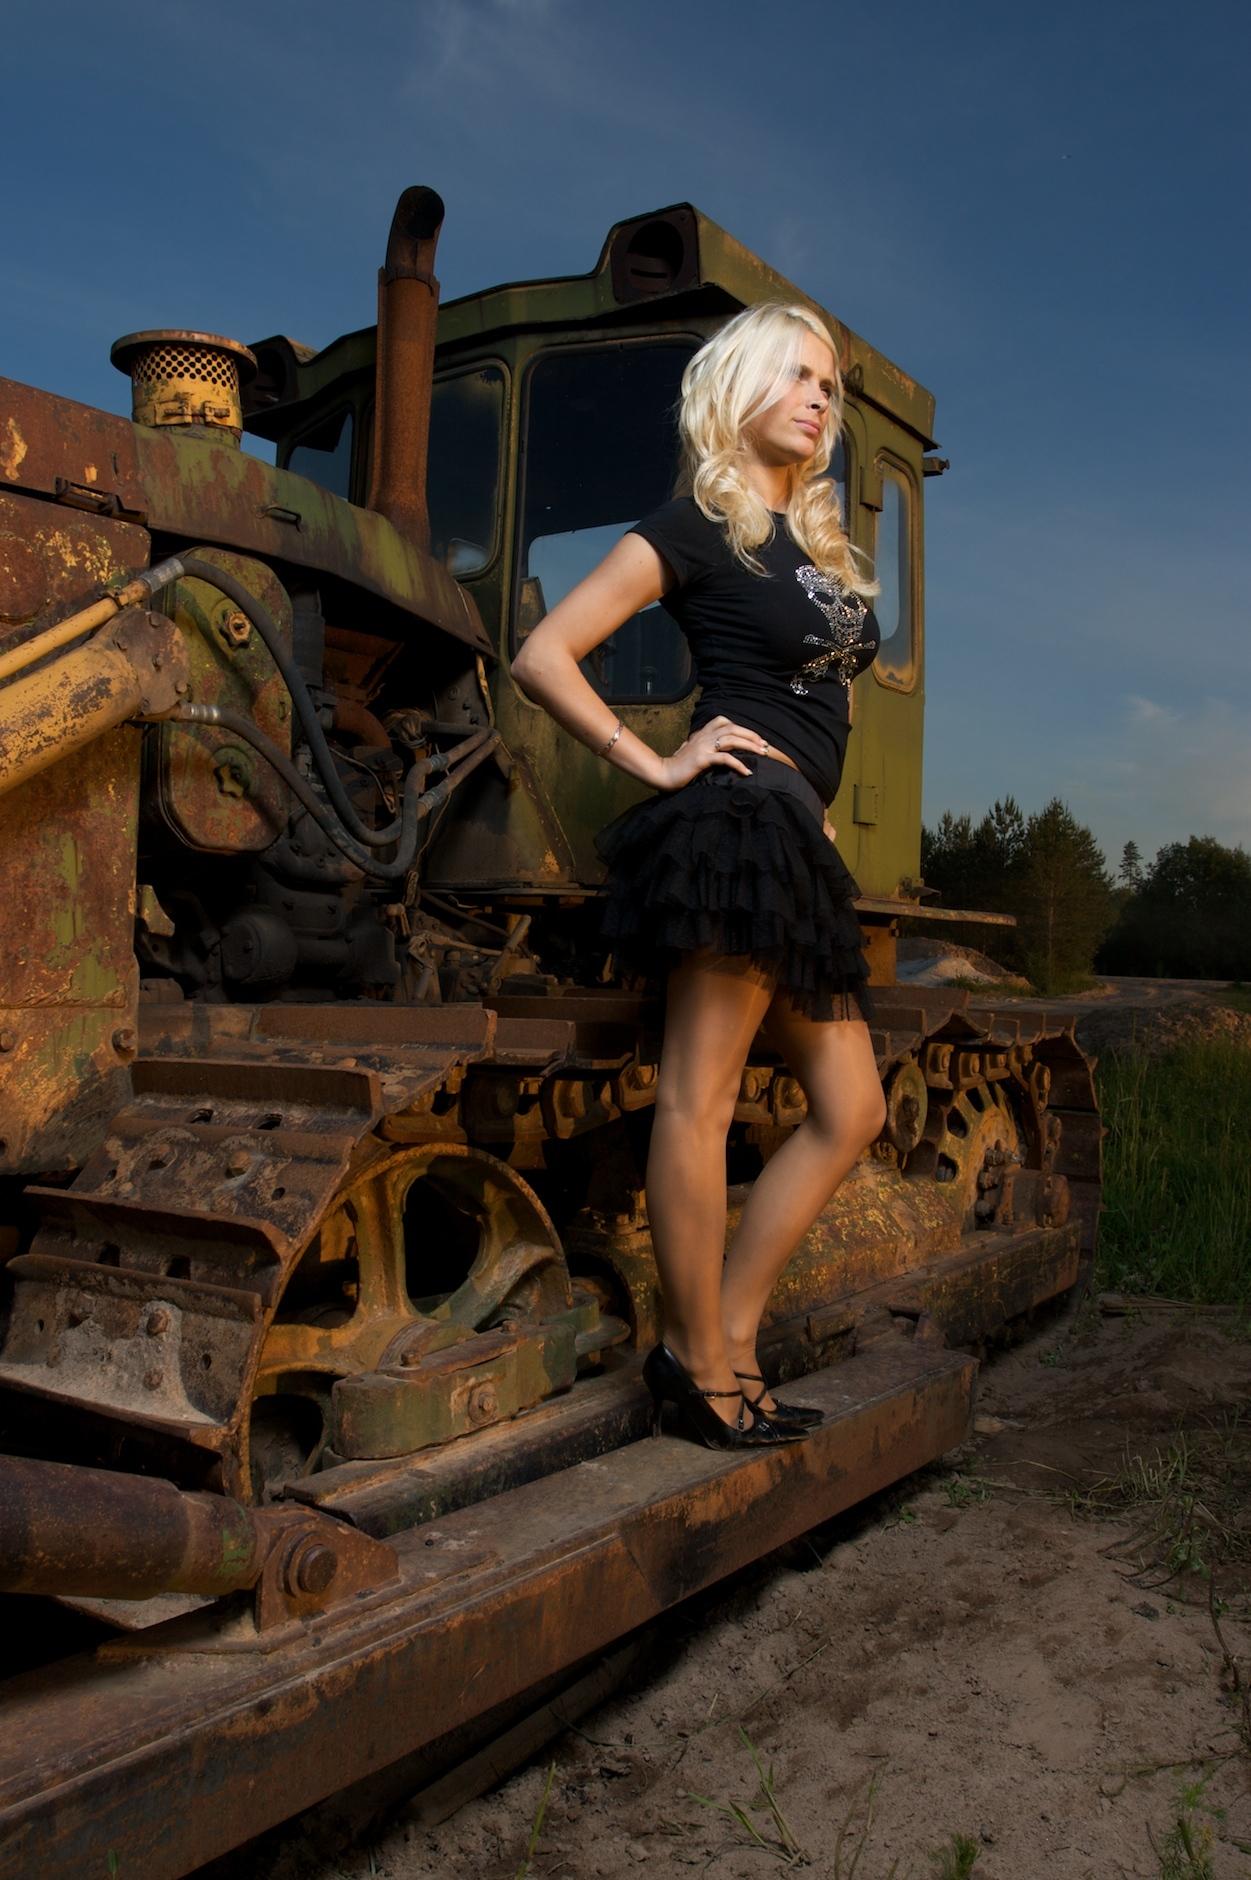 Работа для девушек в железнодорожном модельный бизнес верхоянск